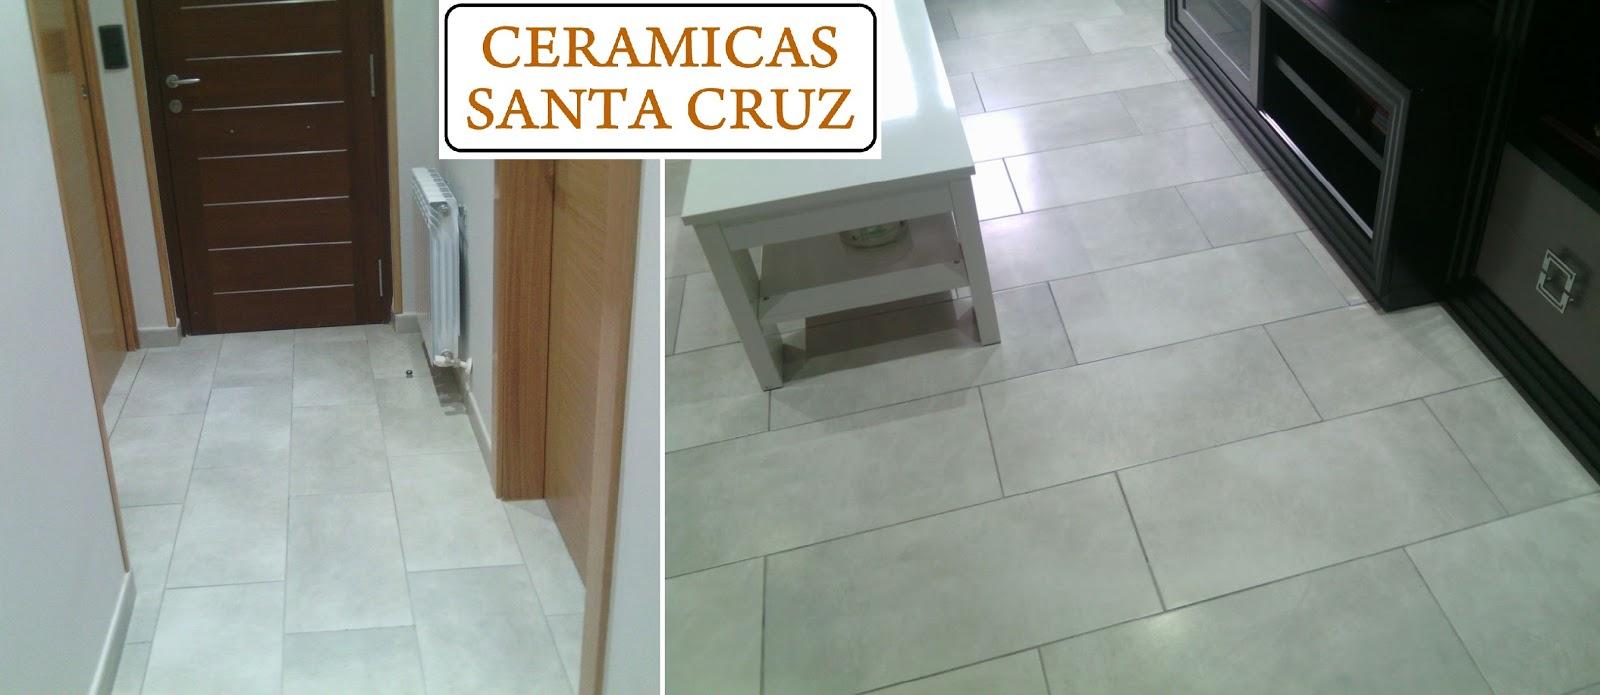 Ceramicas santa cruz febrero 2016 - Suelos para viviendas ...